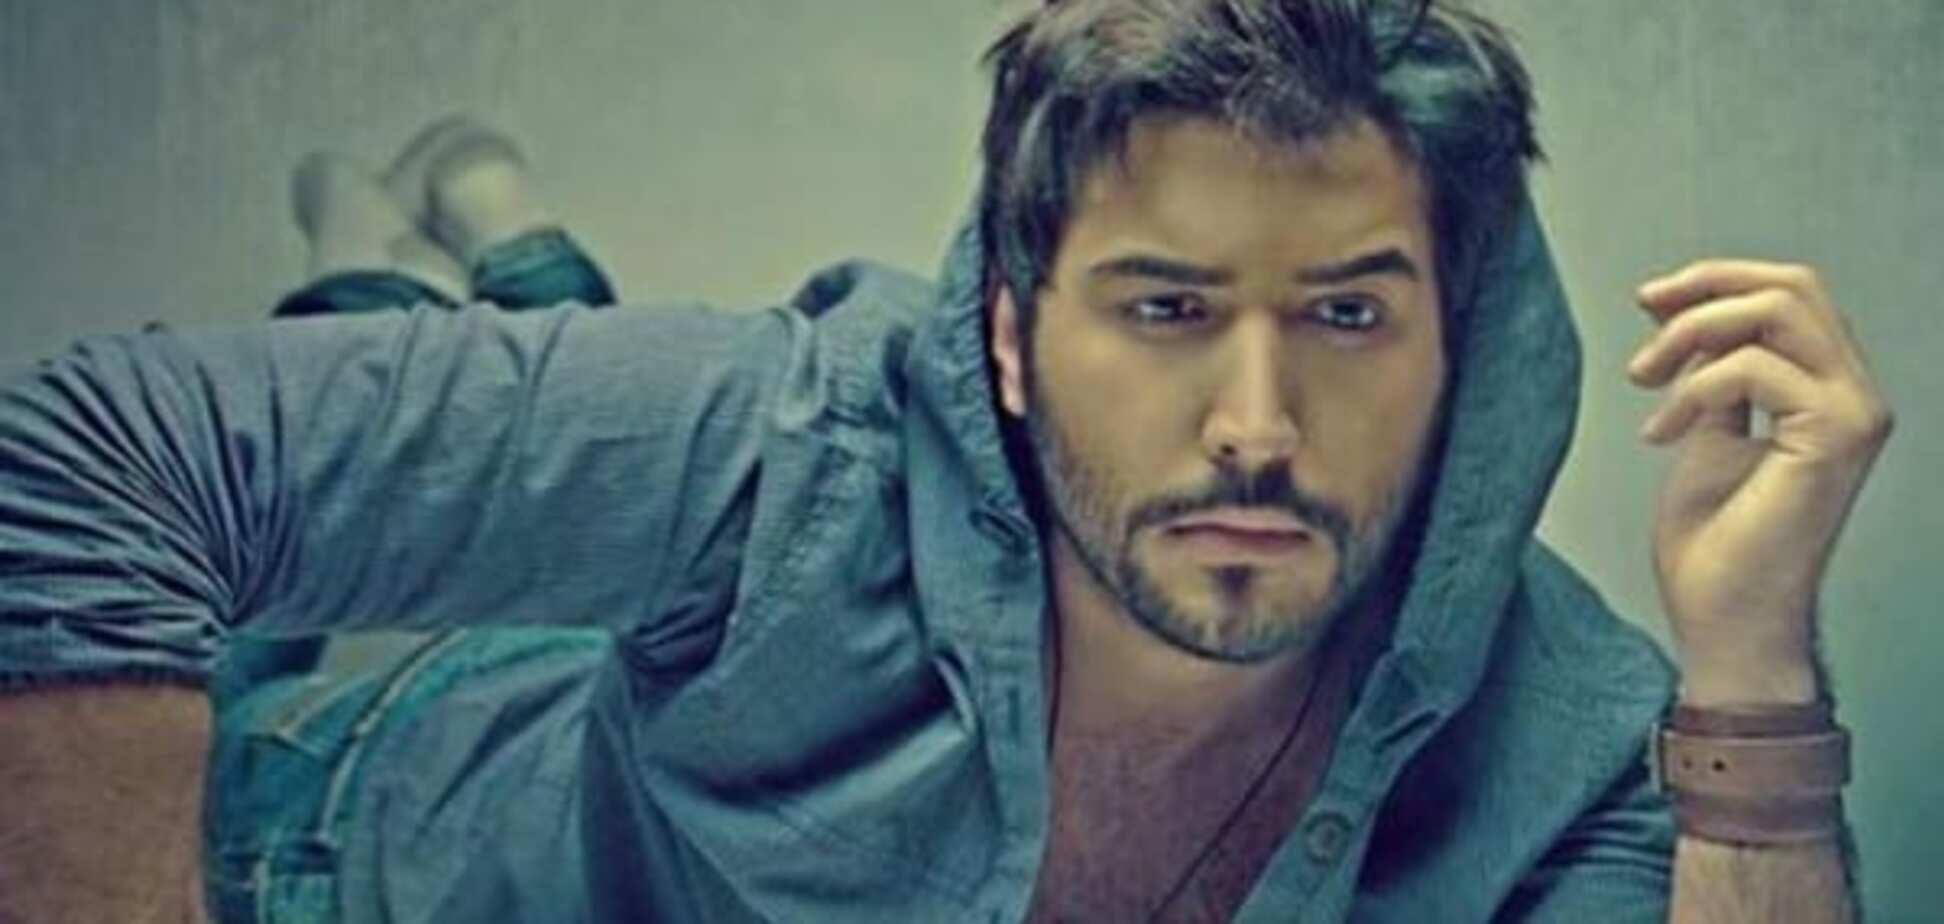 Знаменитого арабского актера арестовали из-за популярности у женщин